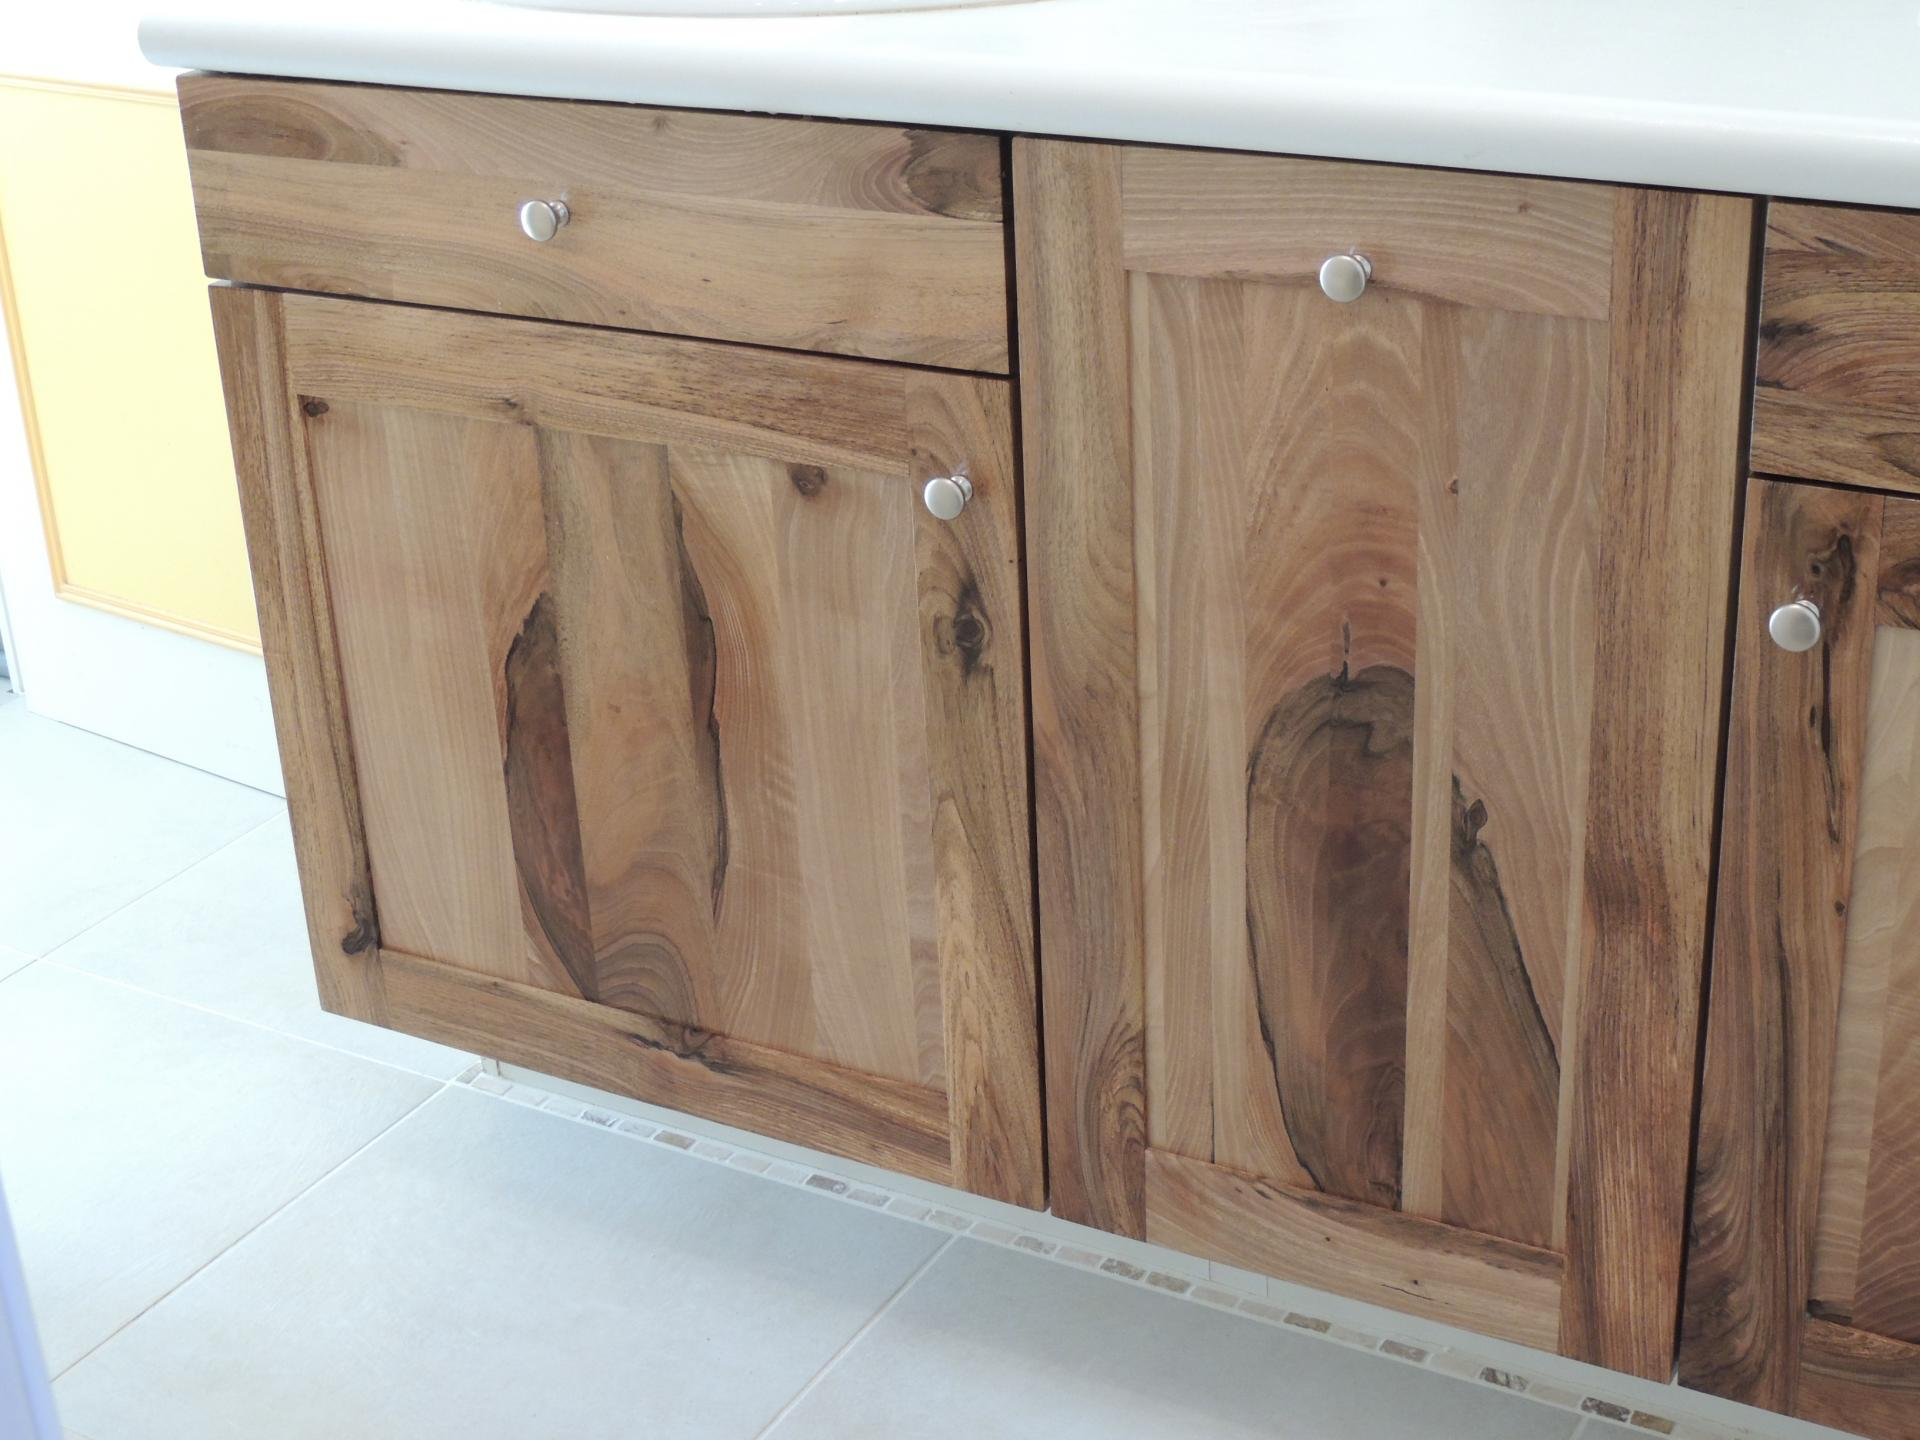 Meuble salle de bain fabrication allemande for Fabricant de meuble sur mesure